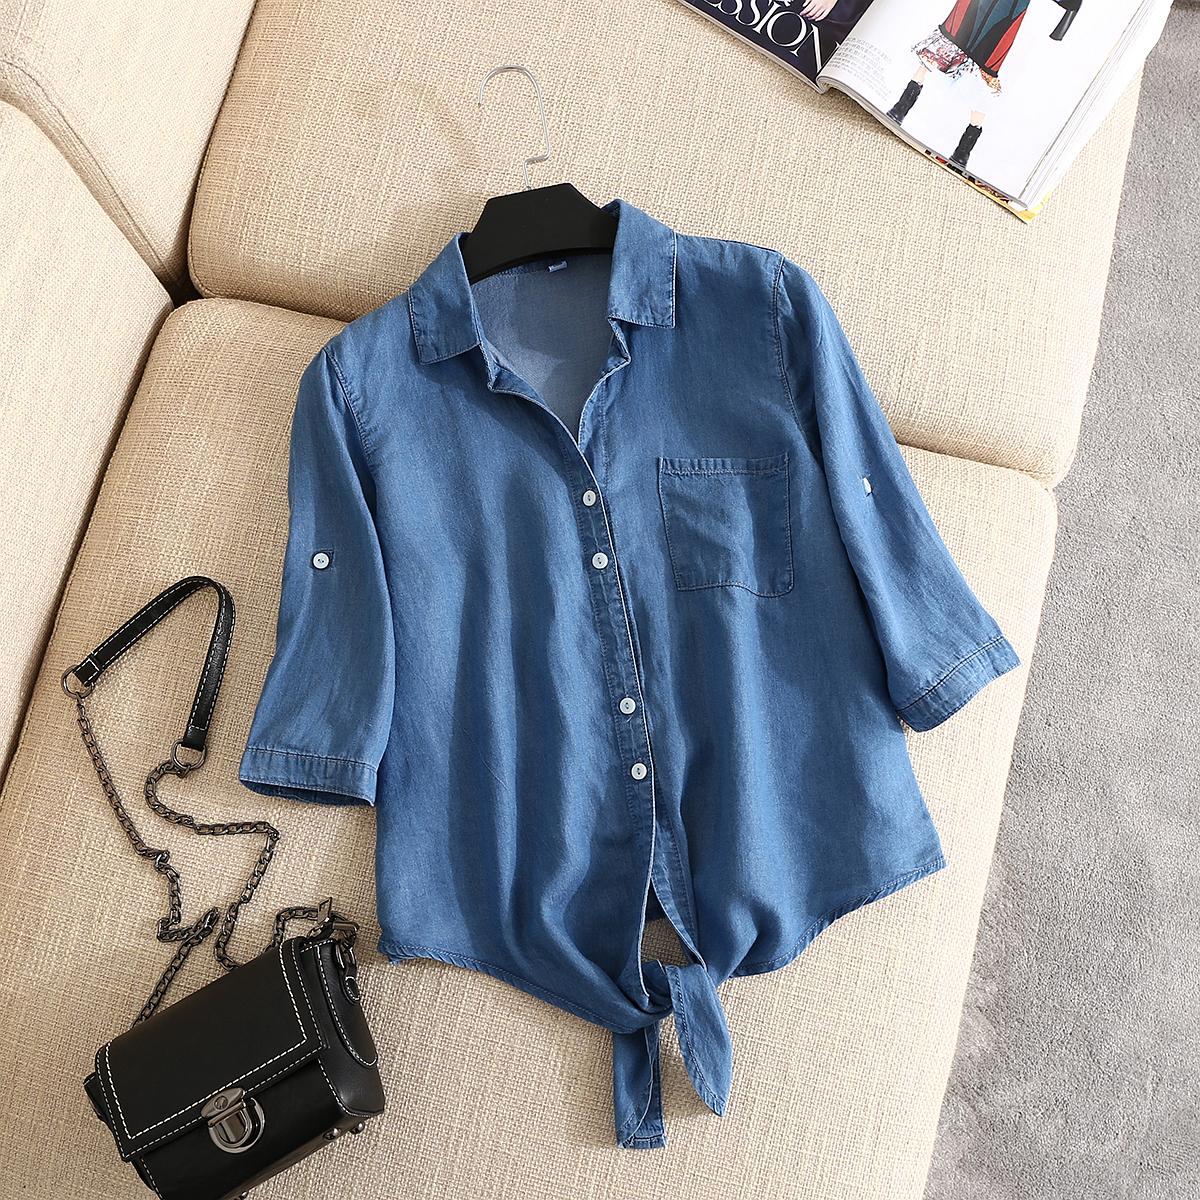 天丝牛仔衬衣女韩版夏款大码打结中袖小披肩薄款百搭防晒衬衫外套